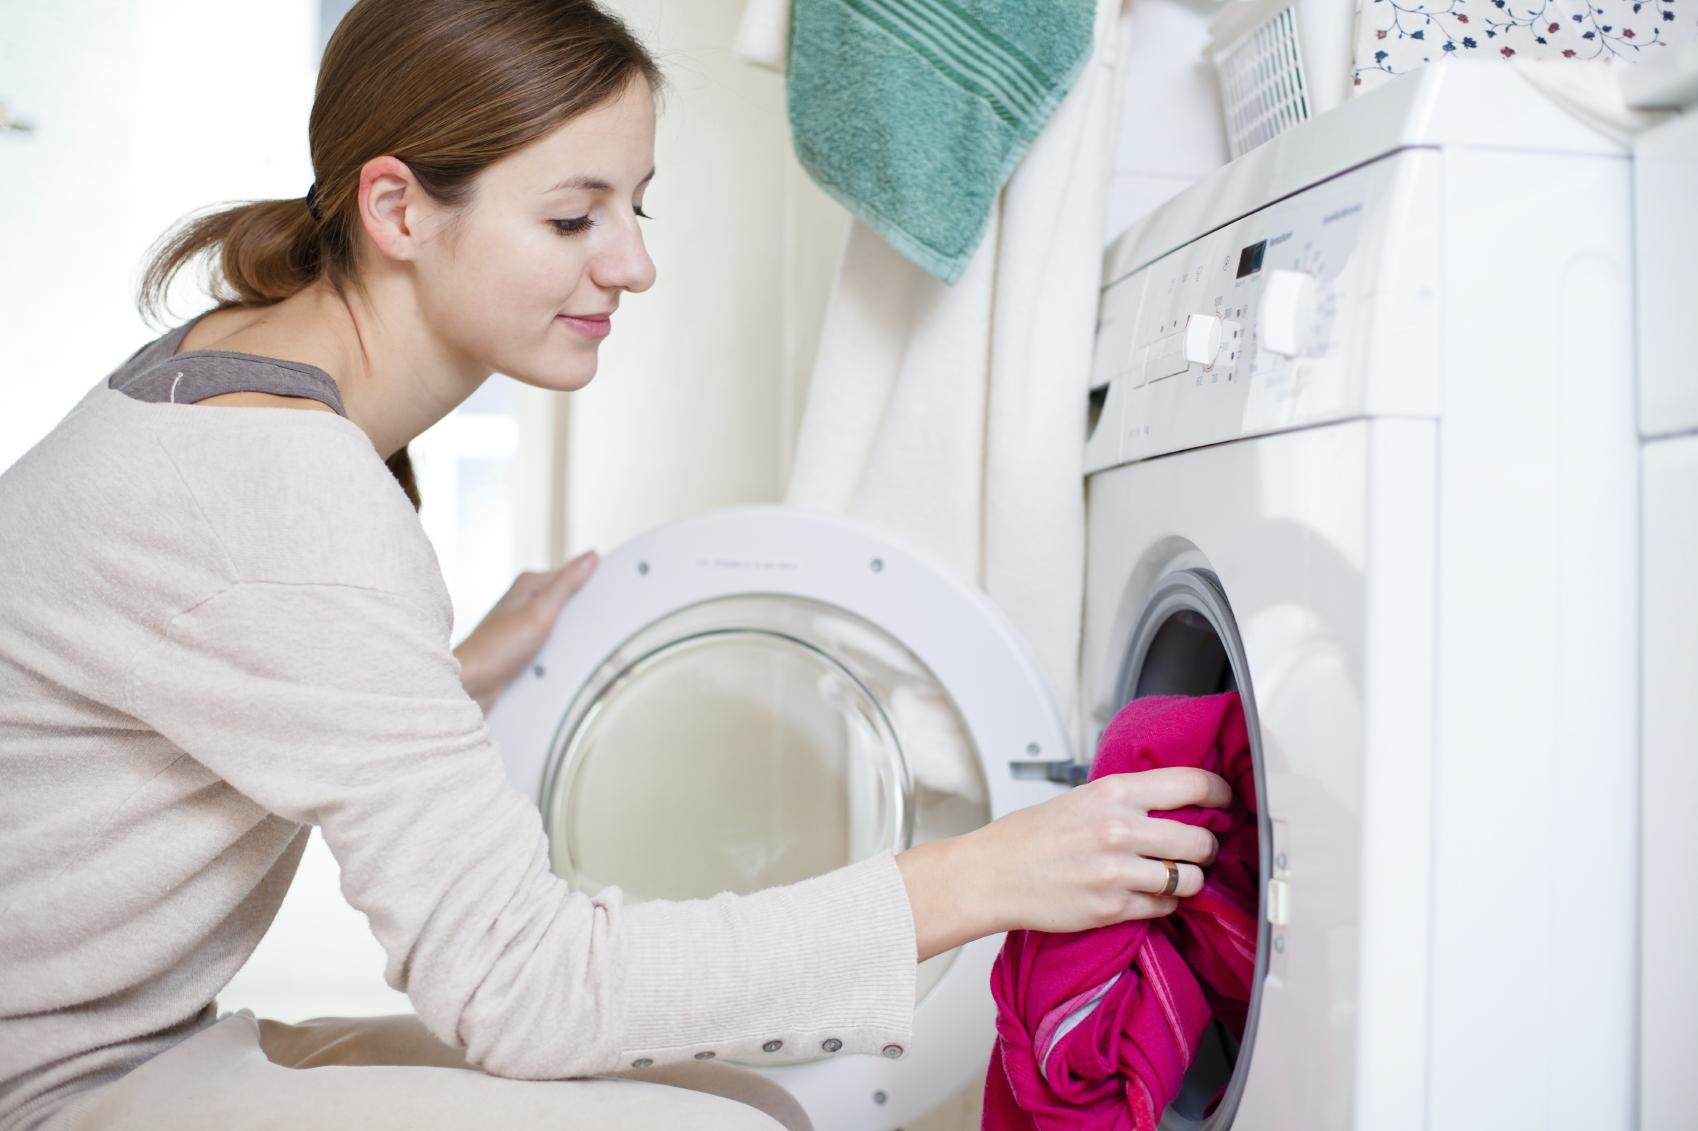 Раком на стиральной машинке 9 фотография